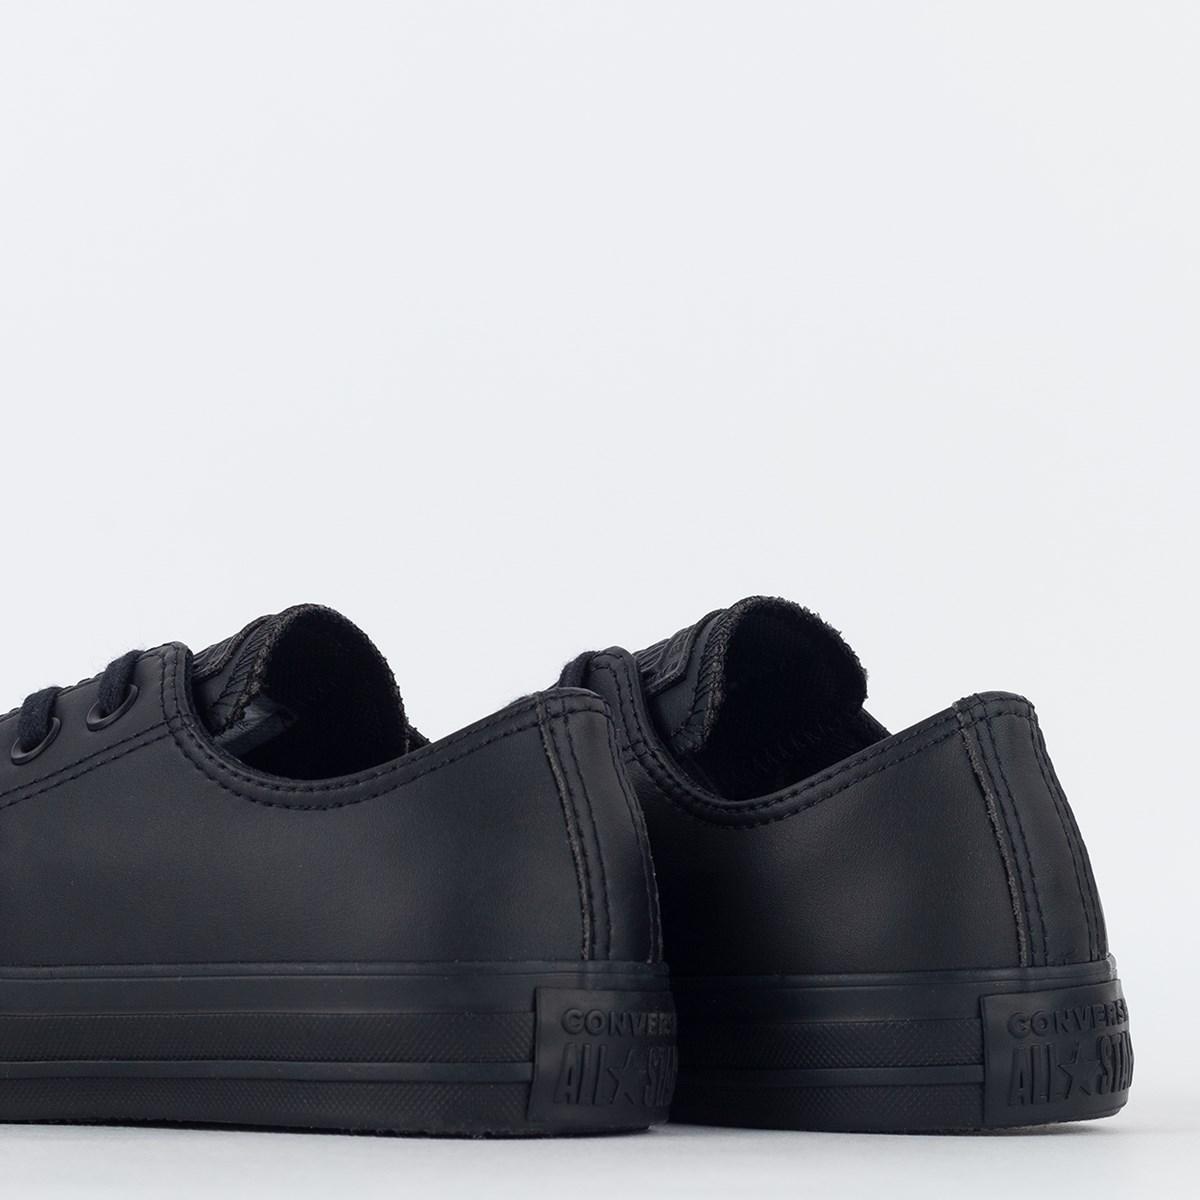 Tênis Converse Chuck Taylor All Star Monochrome Leather Ox Preto Preto CT08260002